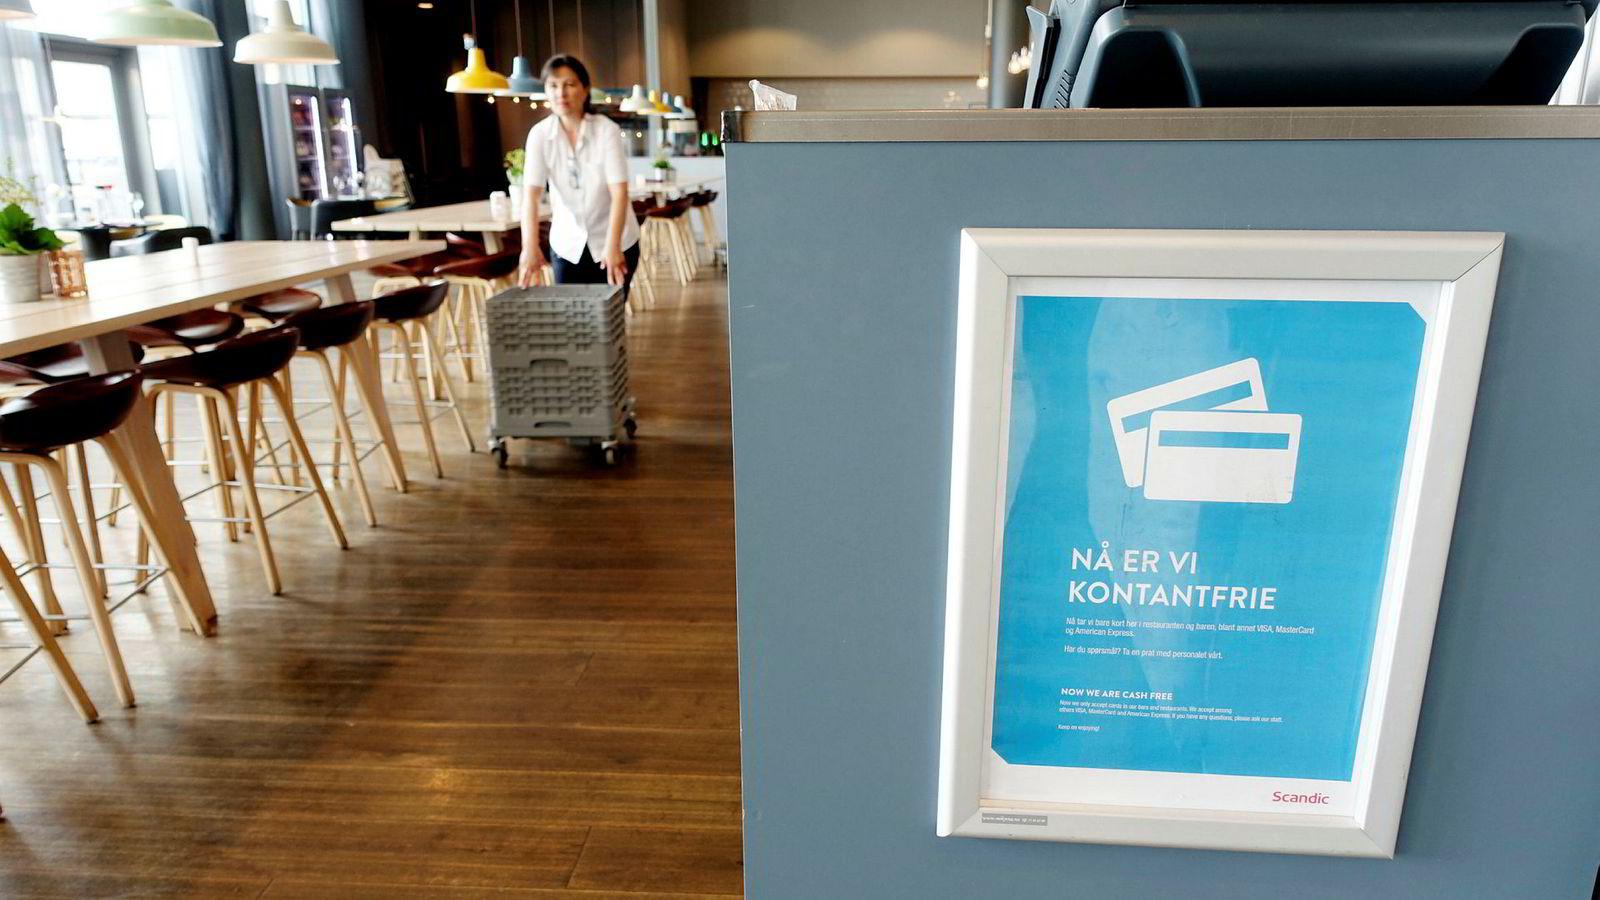 På Scandic Kristiansand Bystranda er restauranten kontantfri. Stadig flere hoteller og restauranter blir nå kontantfrie samtidig som det er ulovlig å nekte å ta imot kontanter.